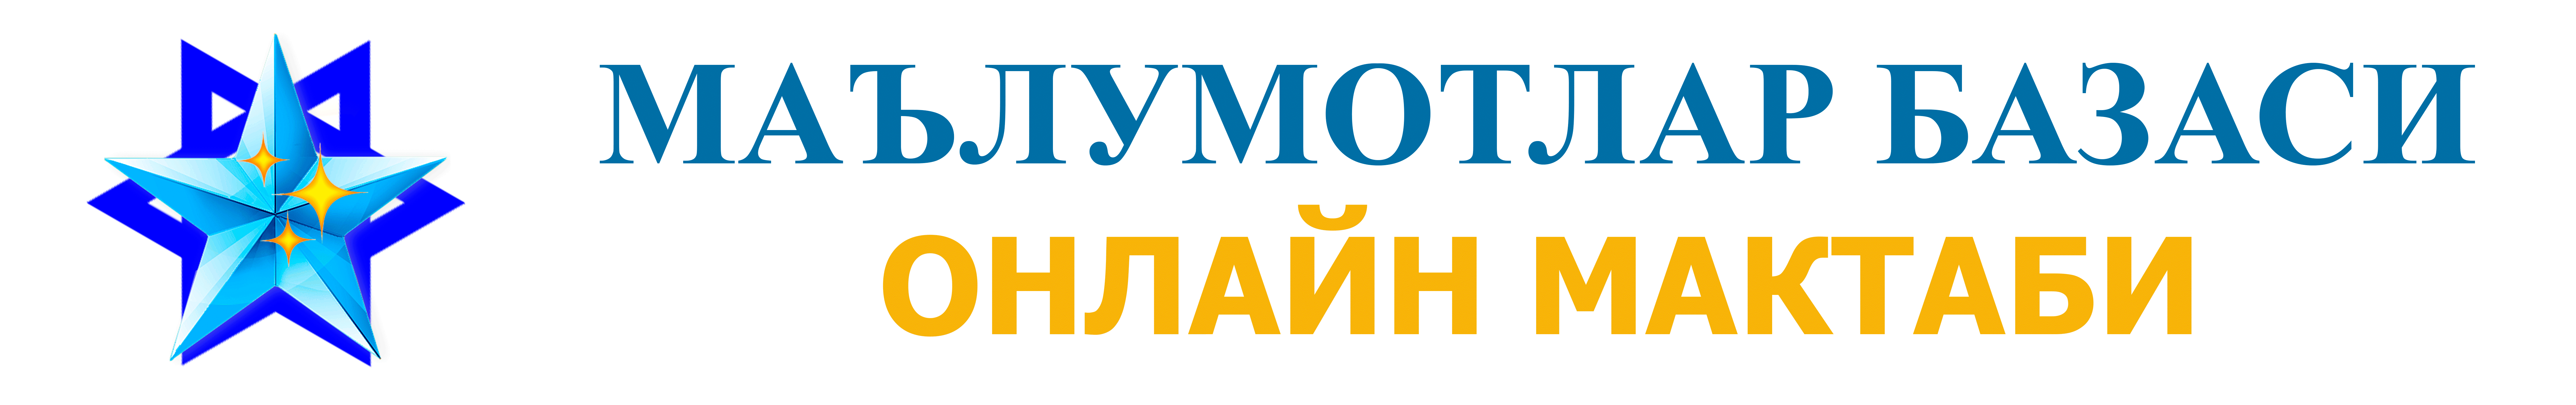 Maktab logotipi